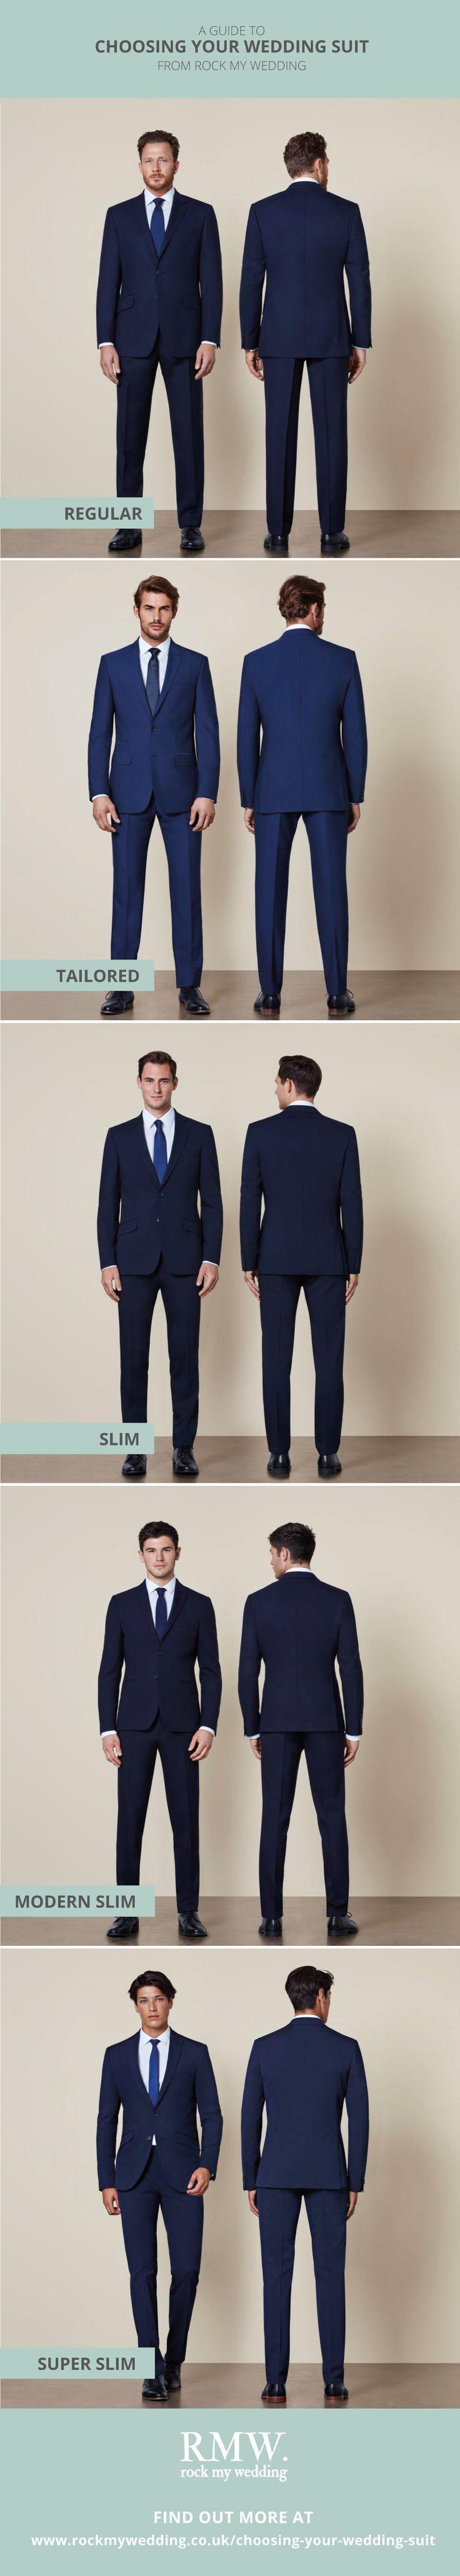 Свадьба - Choosing Your Wedding Suit